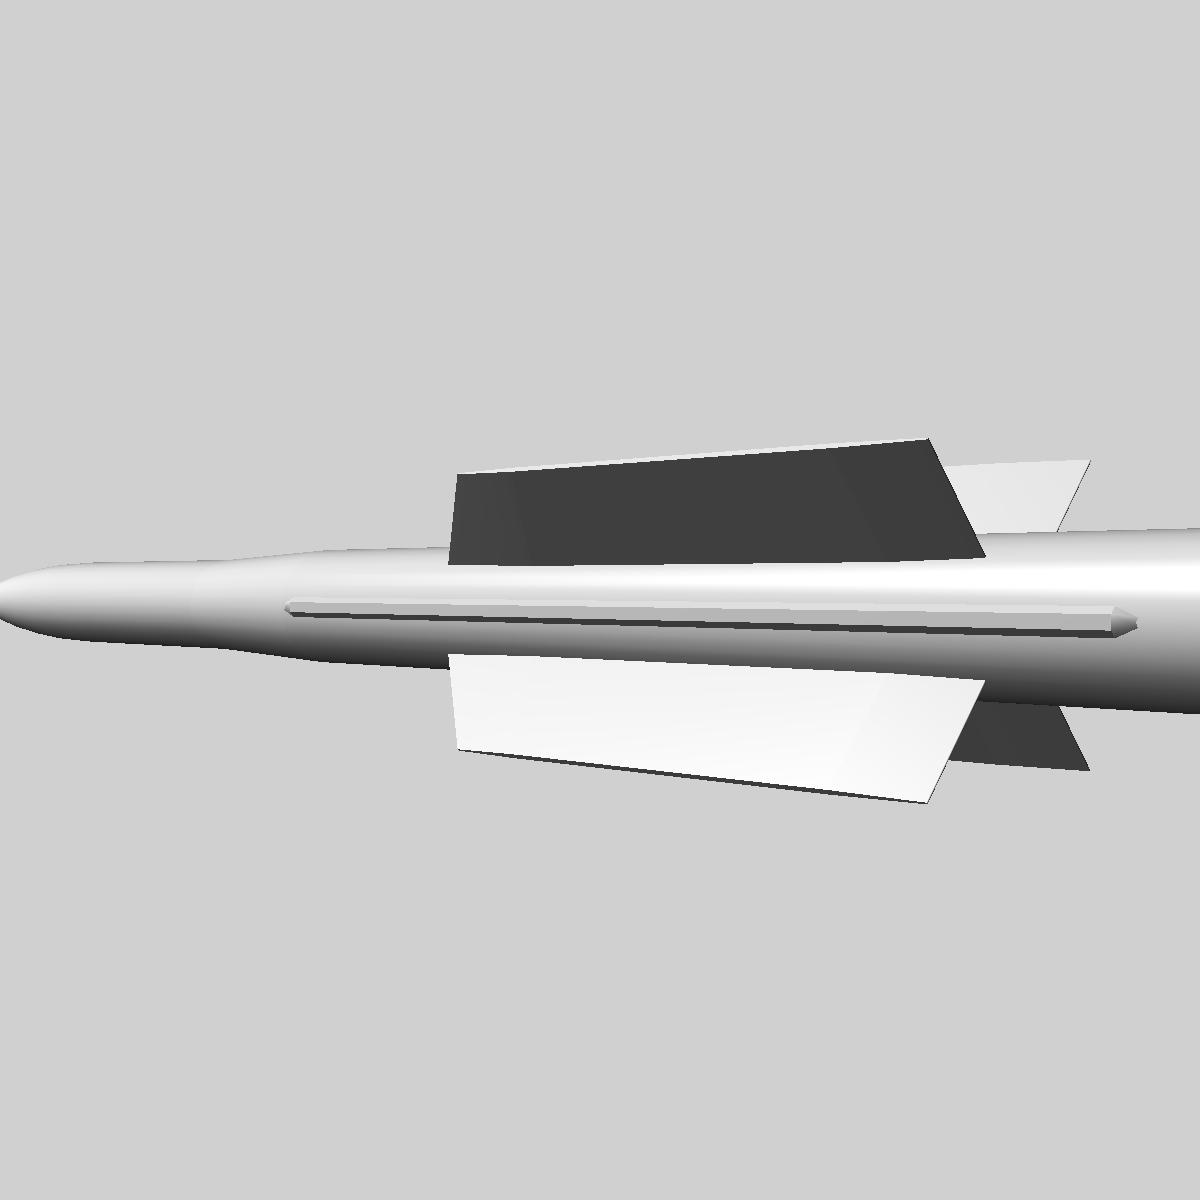 iranian taer-2 missile 3d model 3ds dxf x cod scn obj 149245